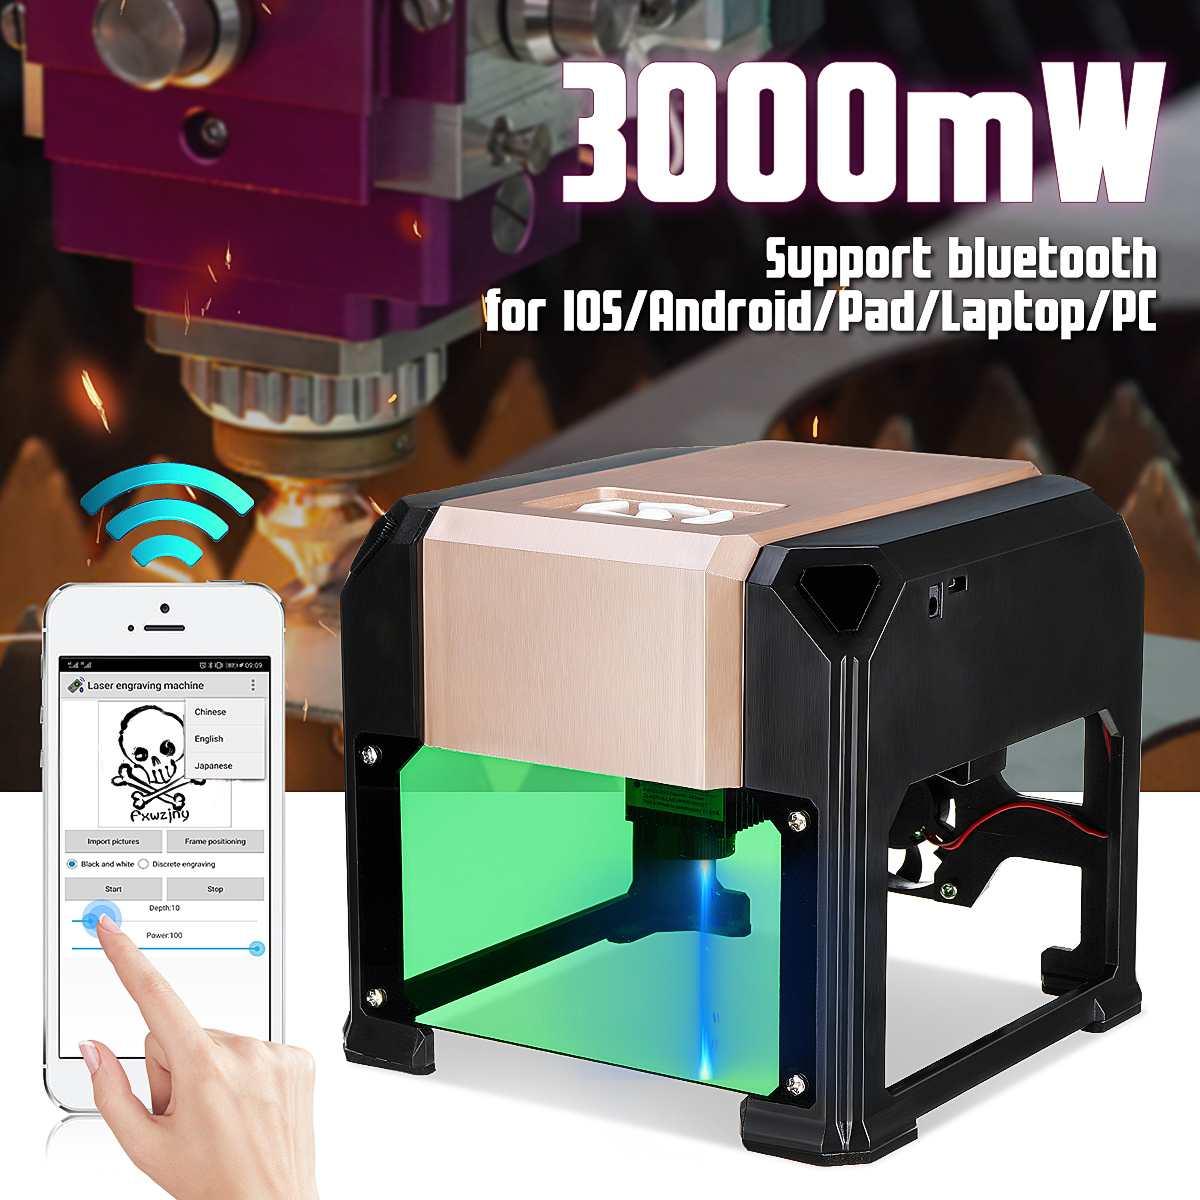 Contrôle bluetooth 3000mW professionnel bricolage bureau Mini CNC Laser graveur Cutter gravure bois Machine de découpe routeur 110-220V